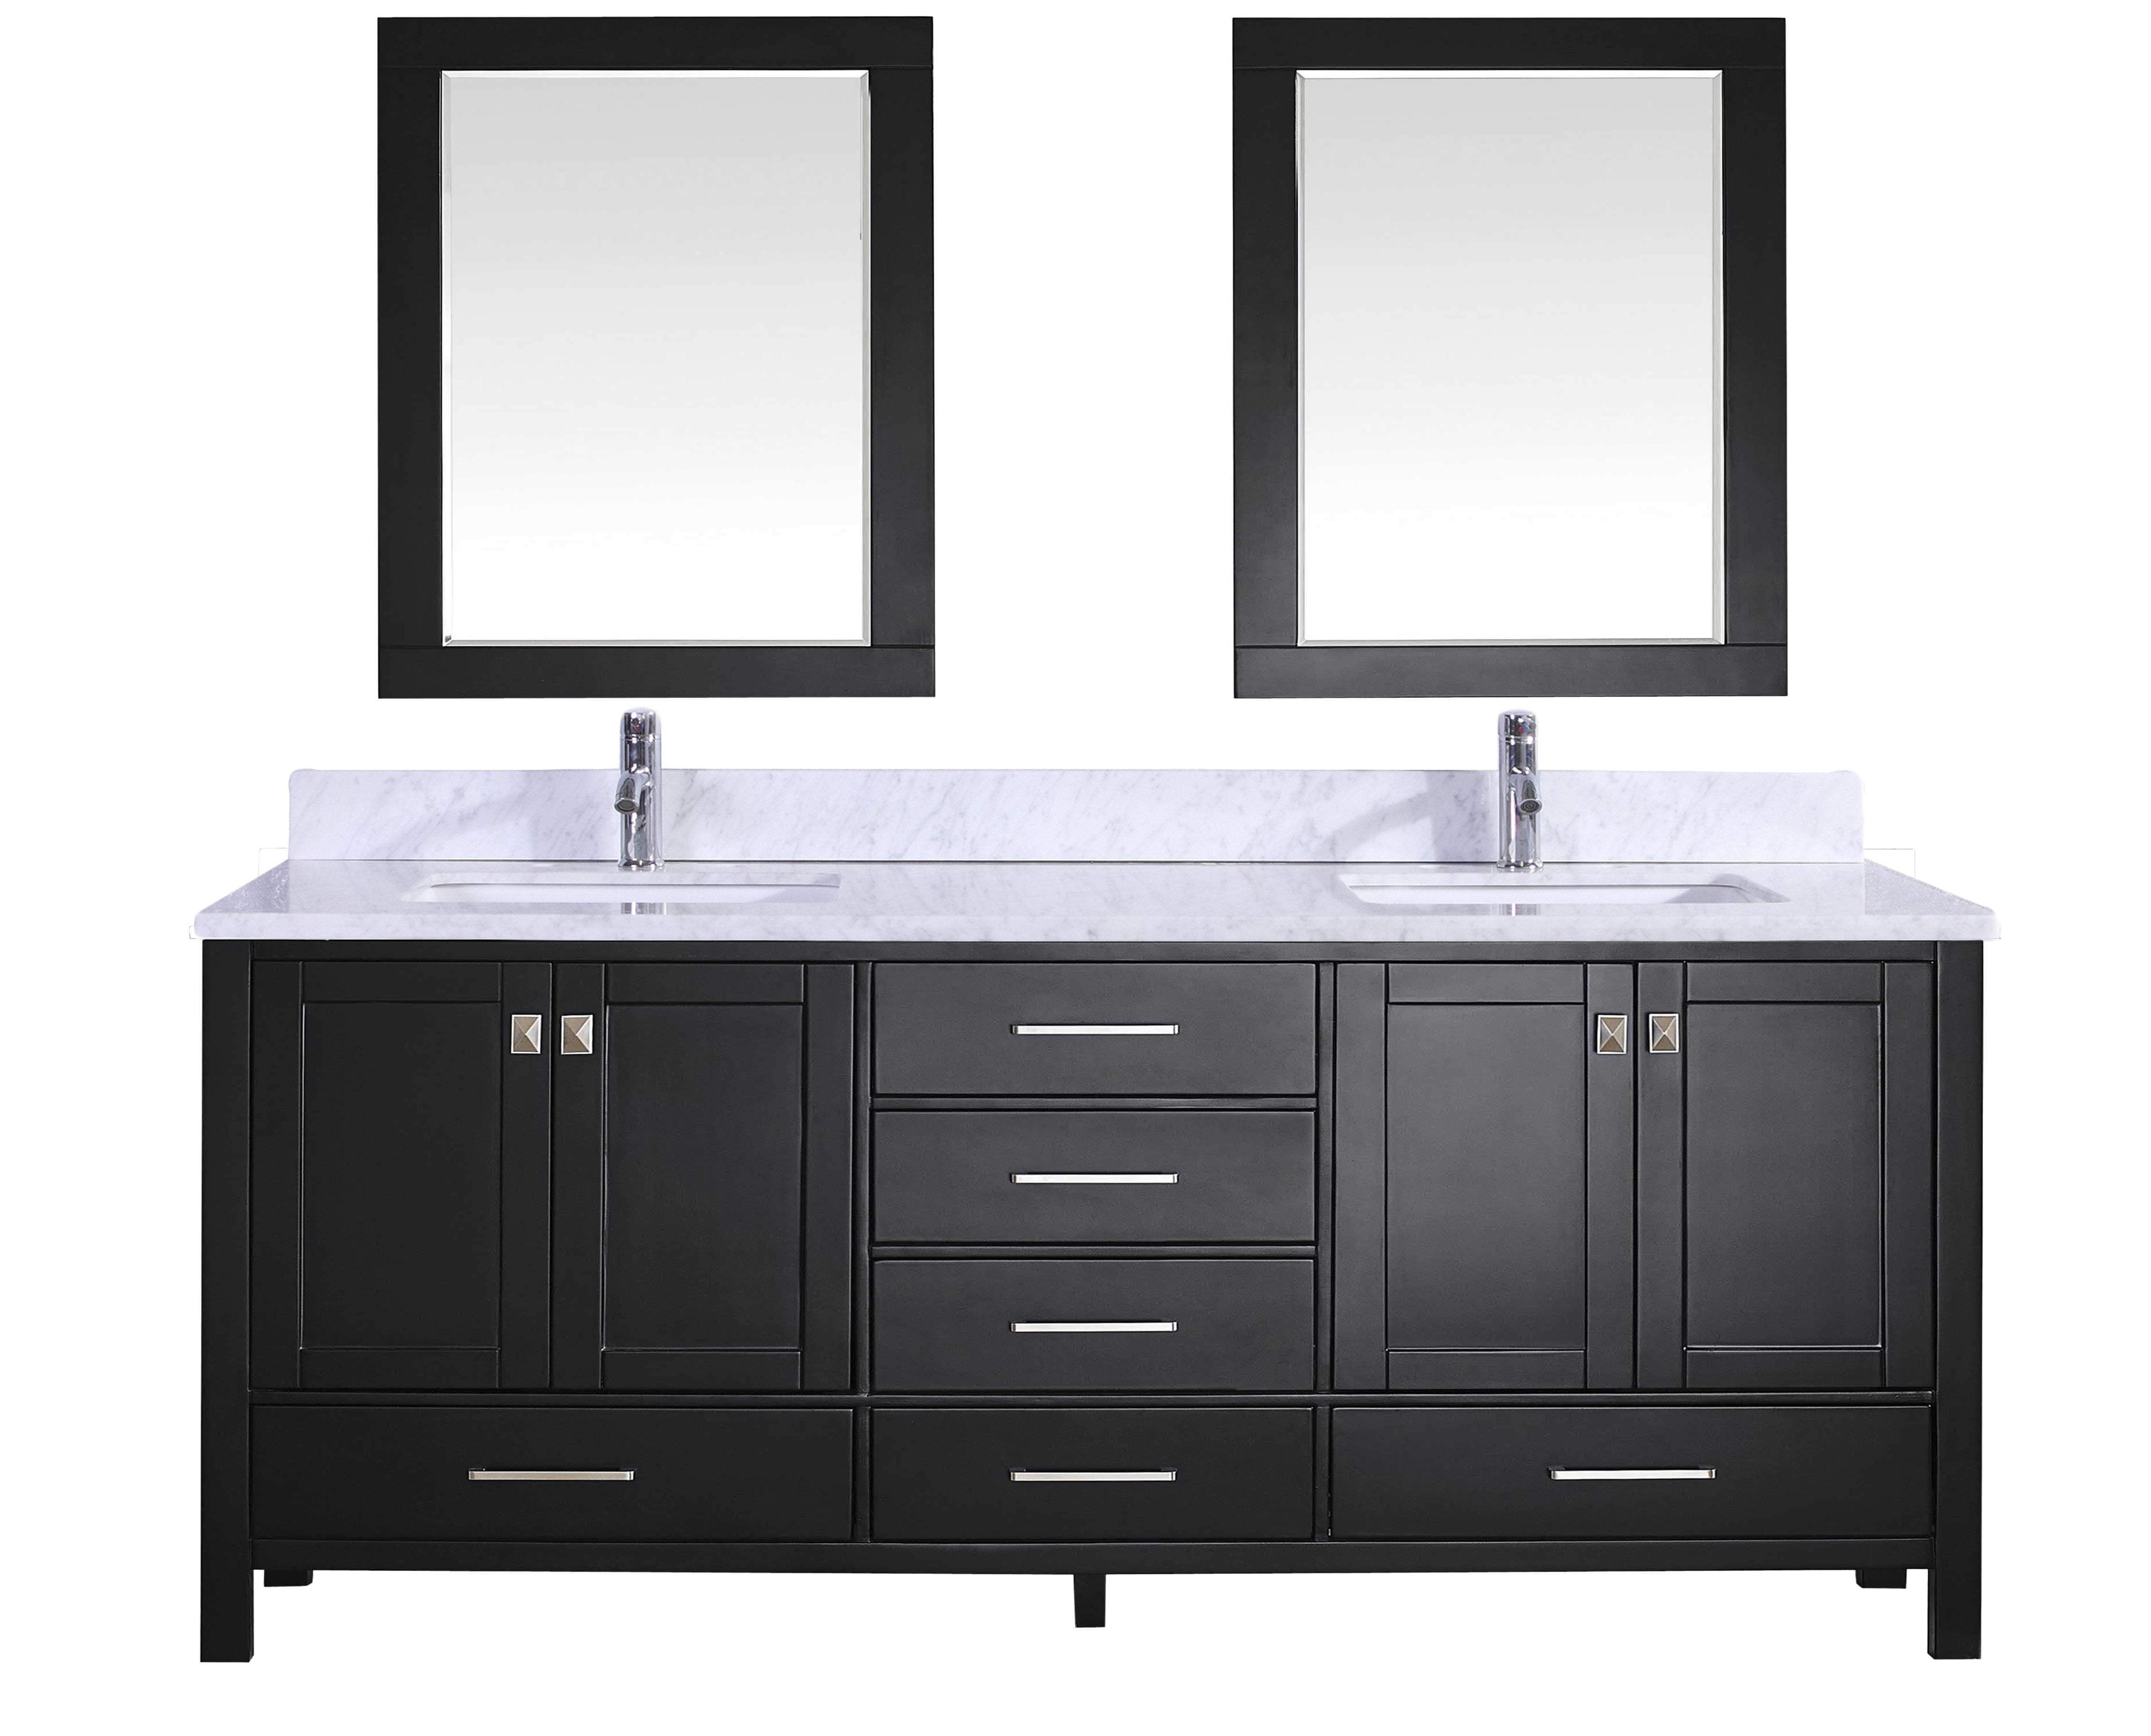 Eviva Aberdeen 84 Inch Bathroom Vanity Sink And Vanity Sink